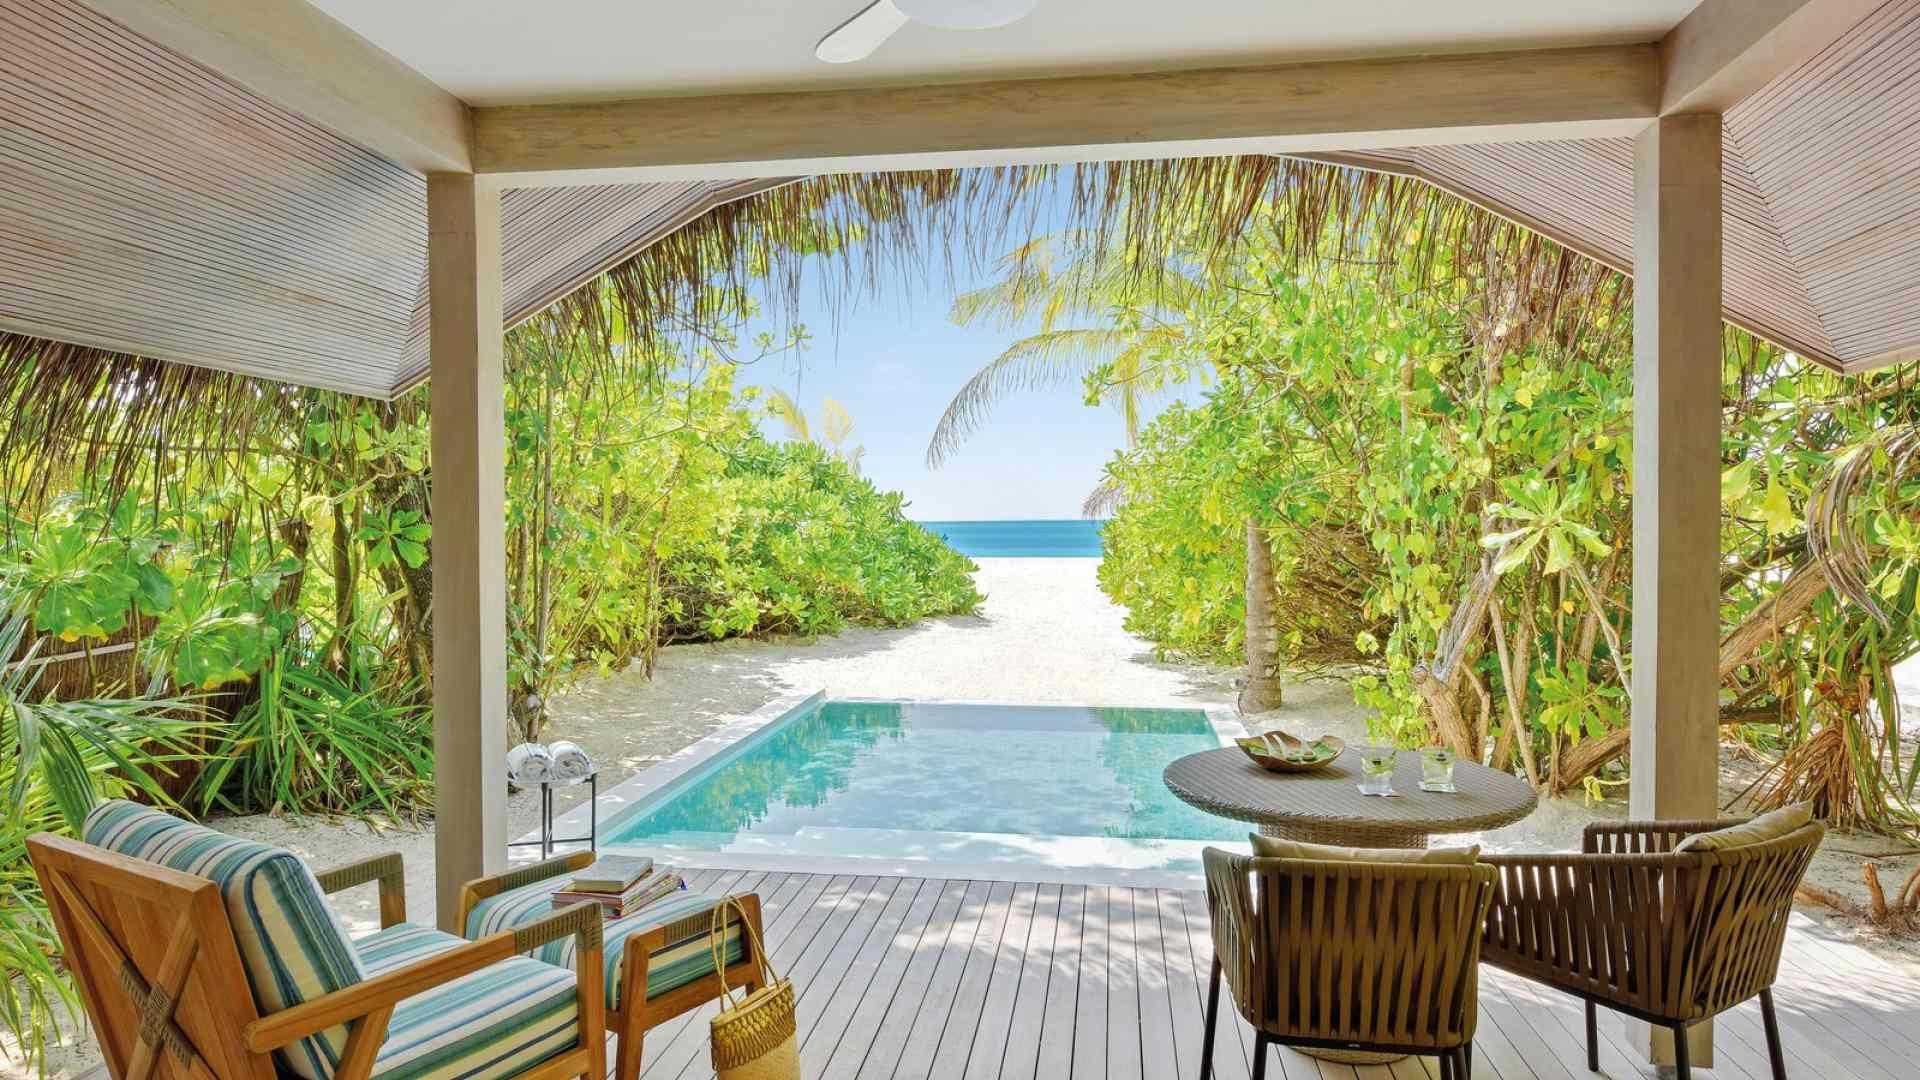 Kanuhura_Rooms_Beach_Pool_Villa_1-1599×1067-a674b6e8-64e1-4916-bb51-c4b5f920ceef